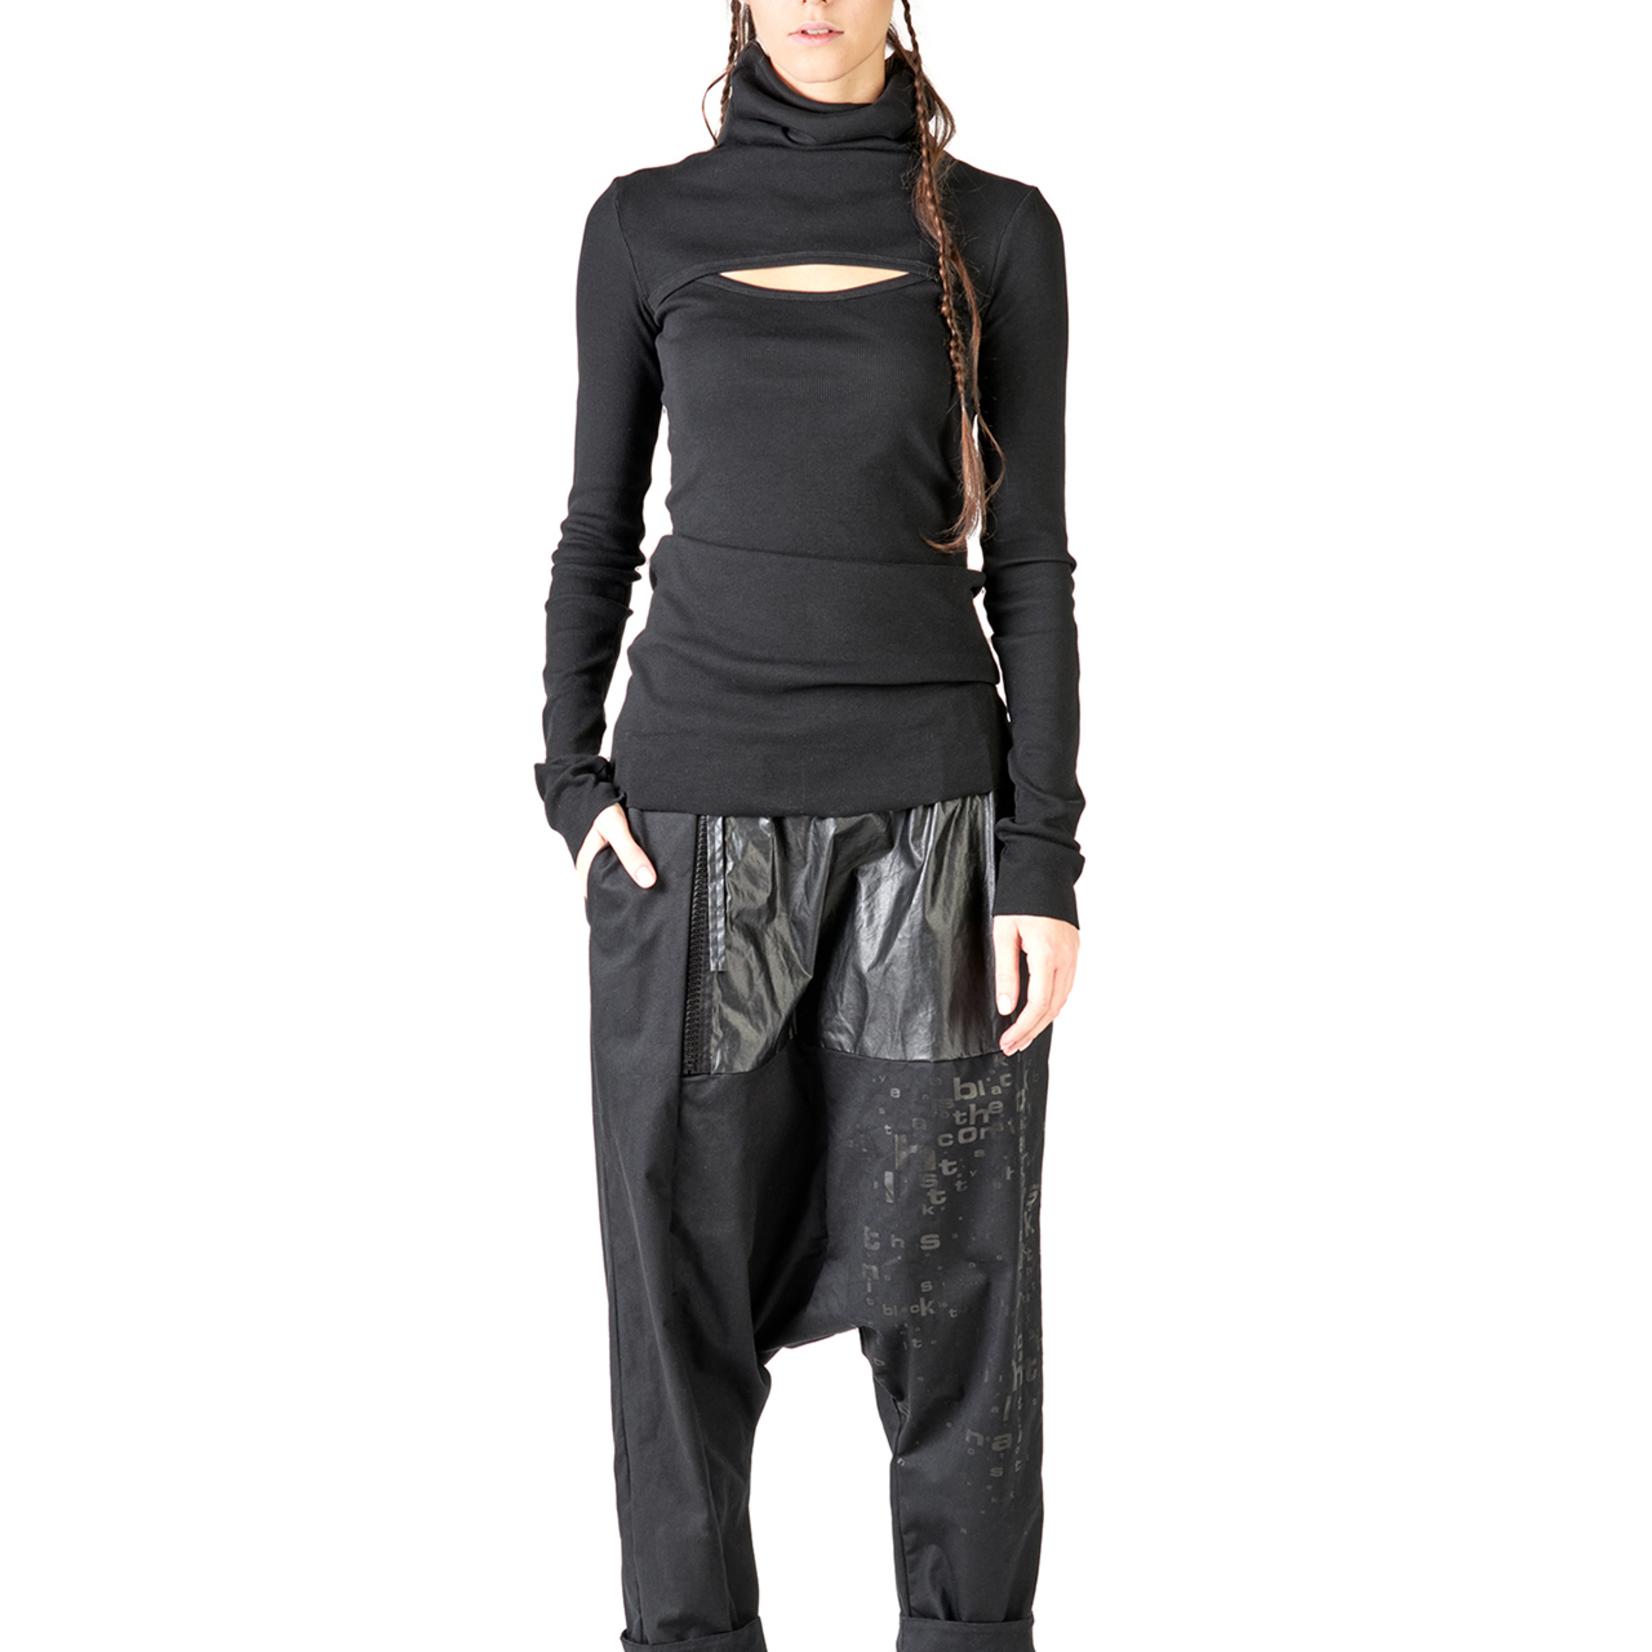 StudioB3 Black Musaio Pants